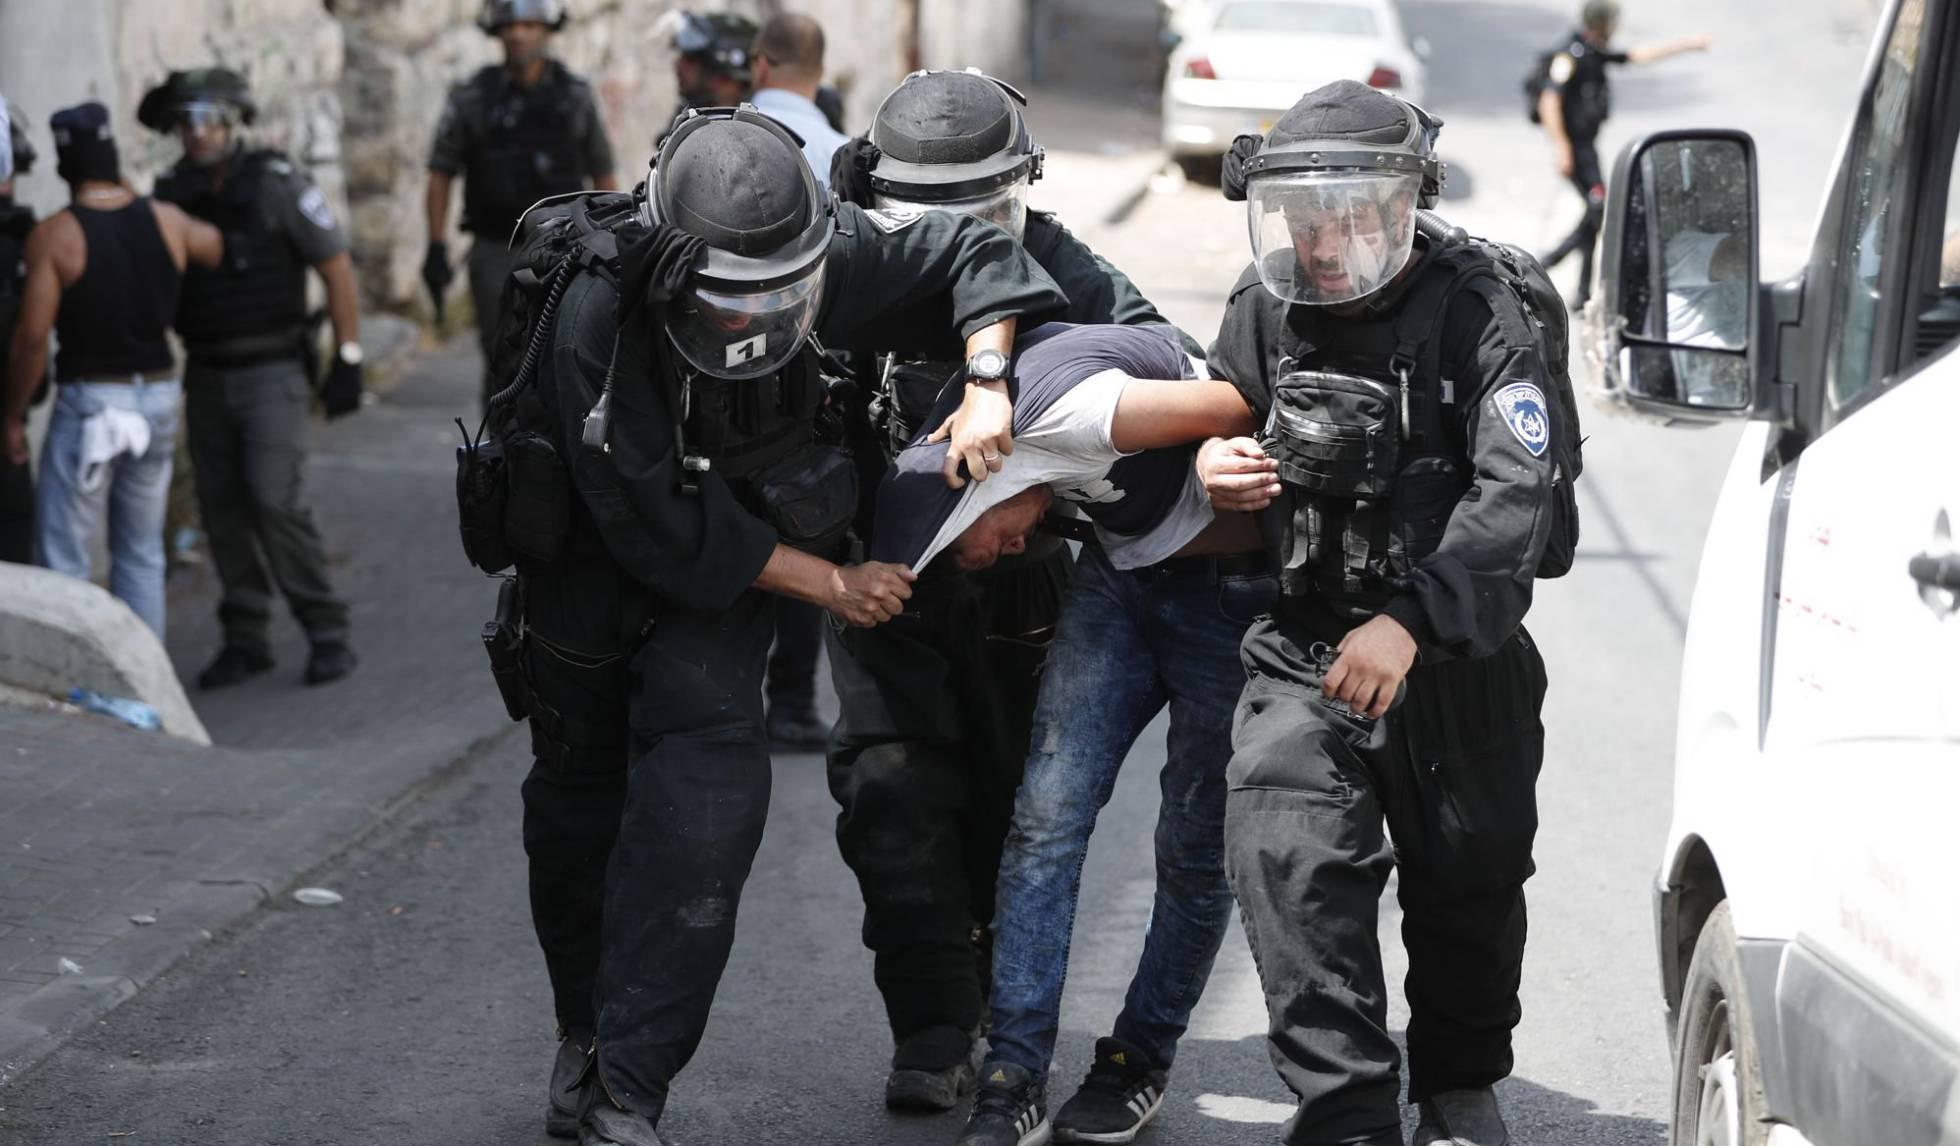 Conflicto Israel-Palestina - Página 29 1500745351_069609_1500748119_noticia_normal_recorte1